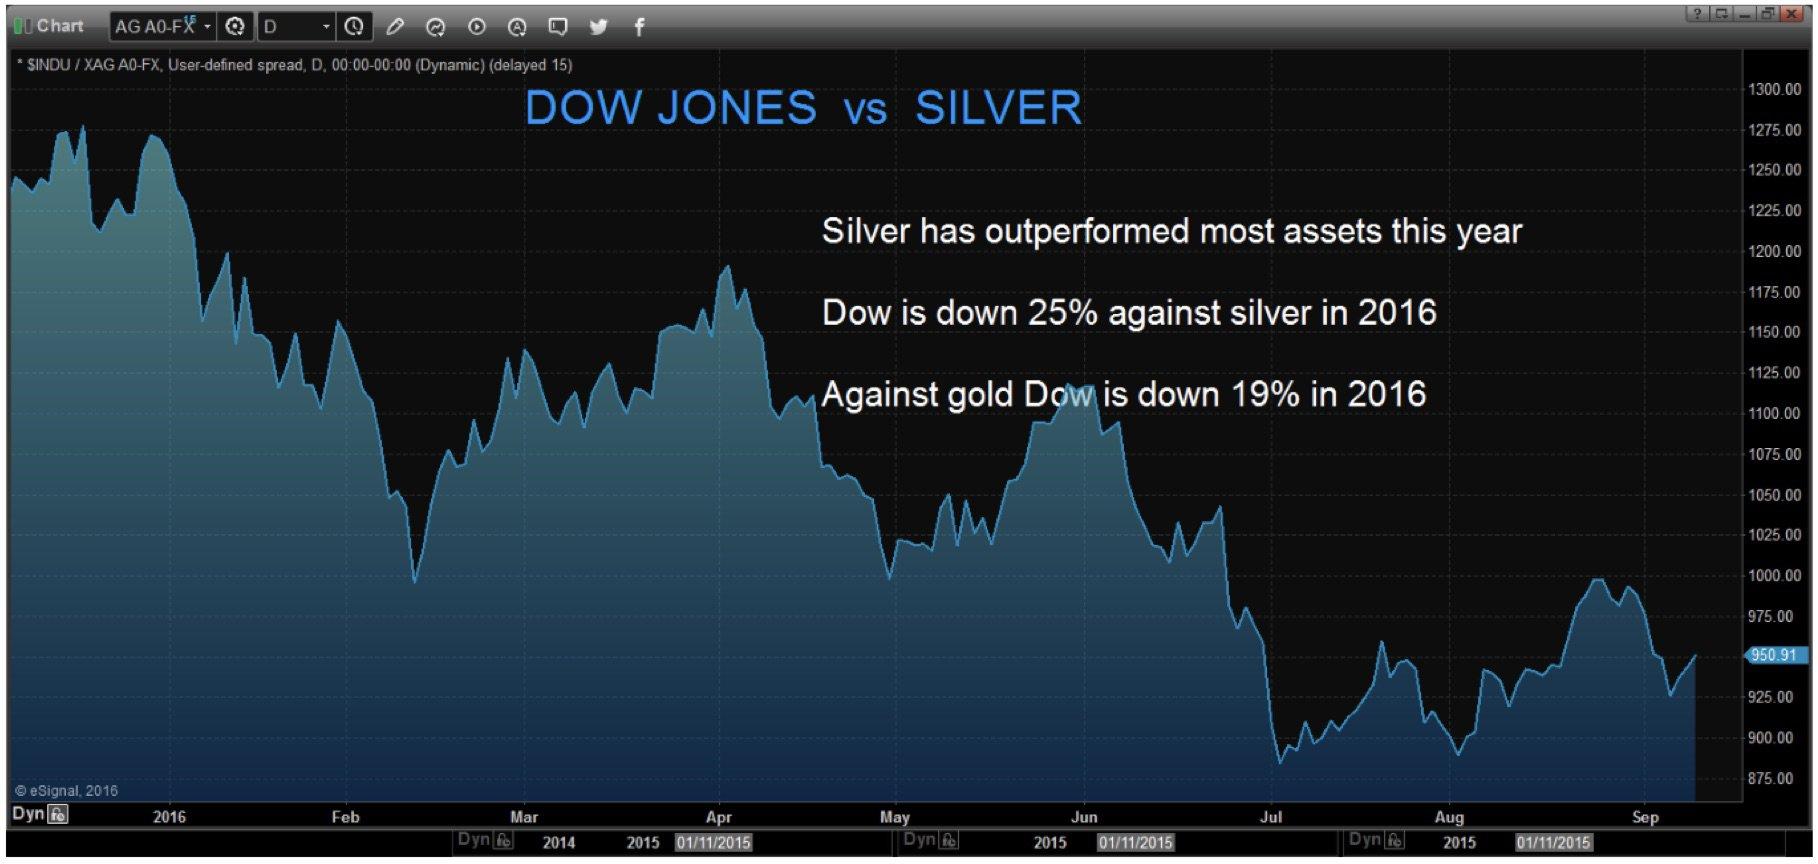 L'argent a mieux performé que la plupart des actifs cette année Le Dow Jones a décliné de 25% contre l'argent en 2016 Le Dow Jones a décliné de 19% contre l'or en 2016